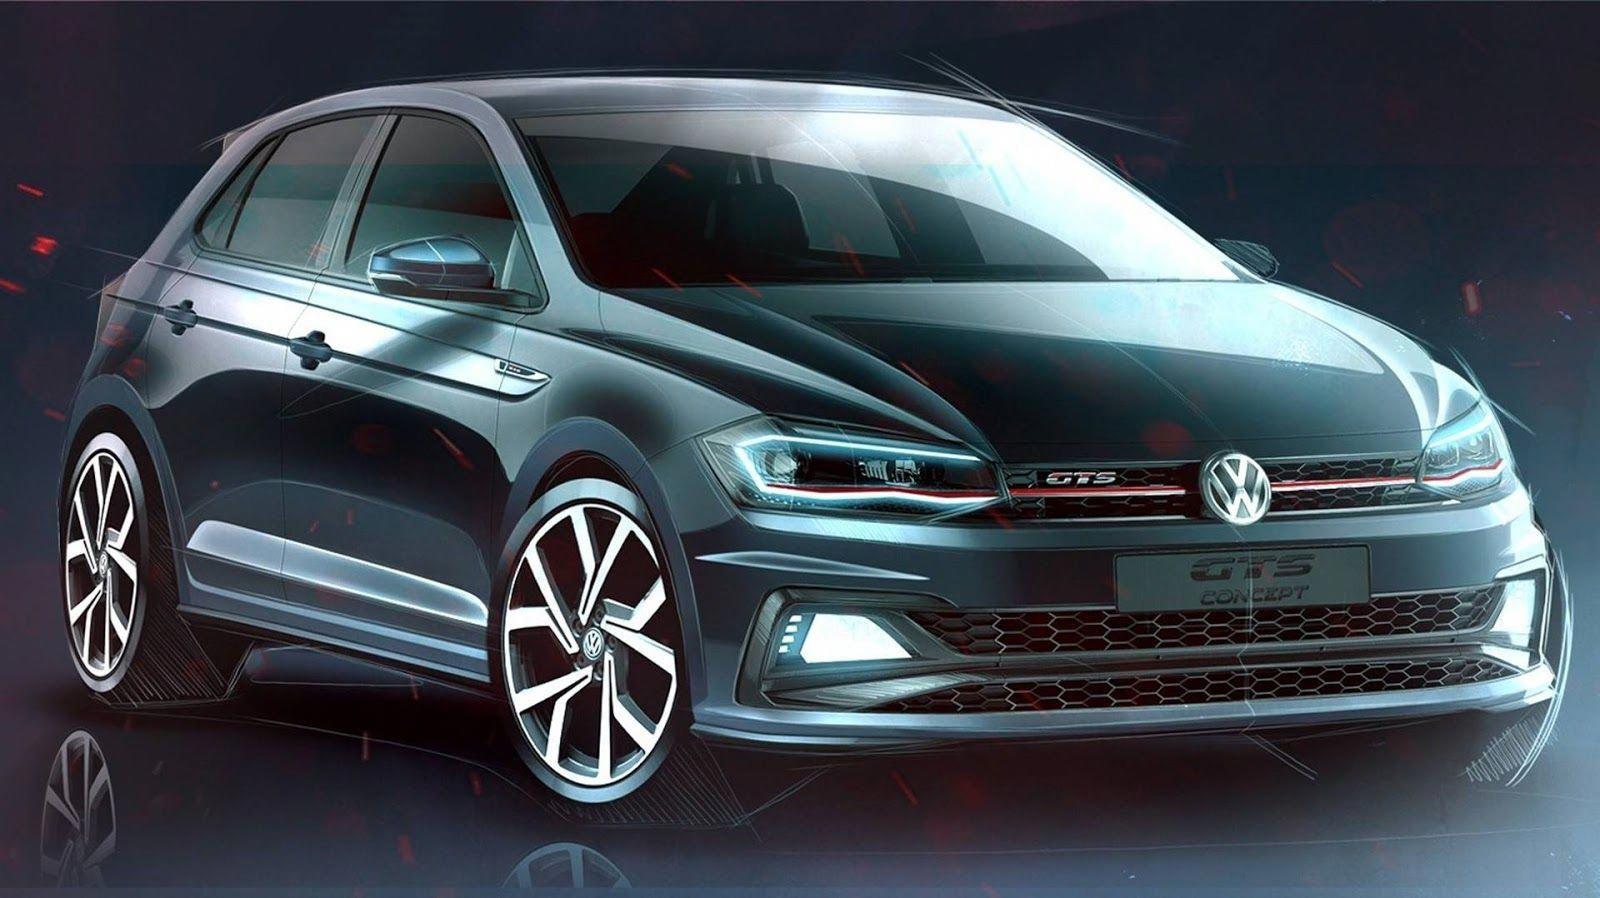 Vw Polo E Virtus Gts Confirmados Para 2019 Lancamento Car Blog Br Vwpoloaccessories